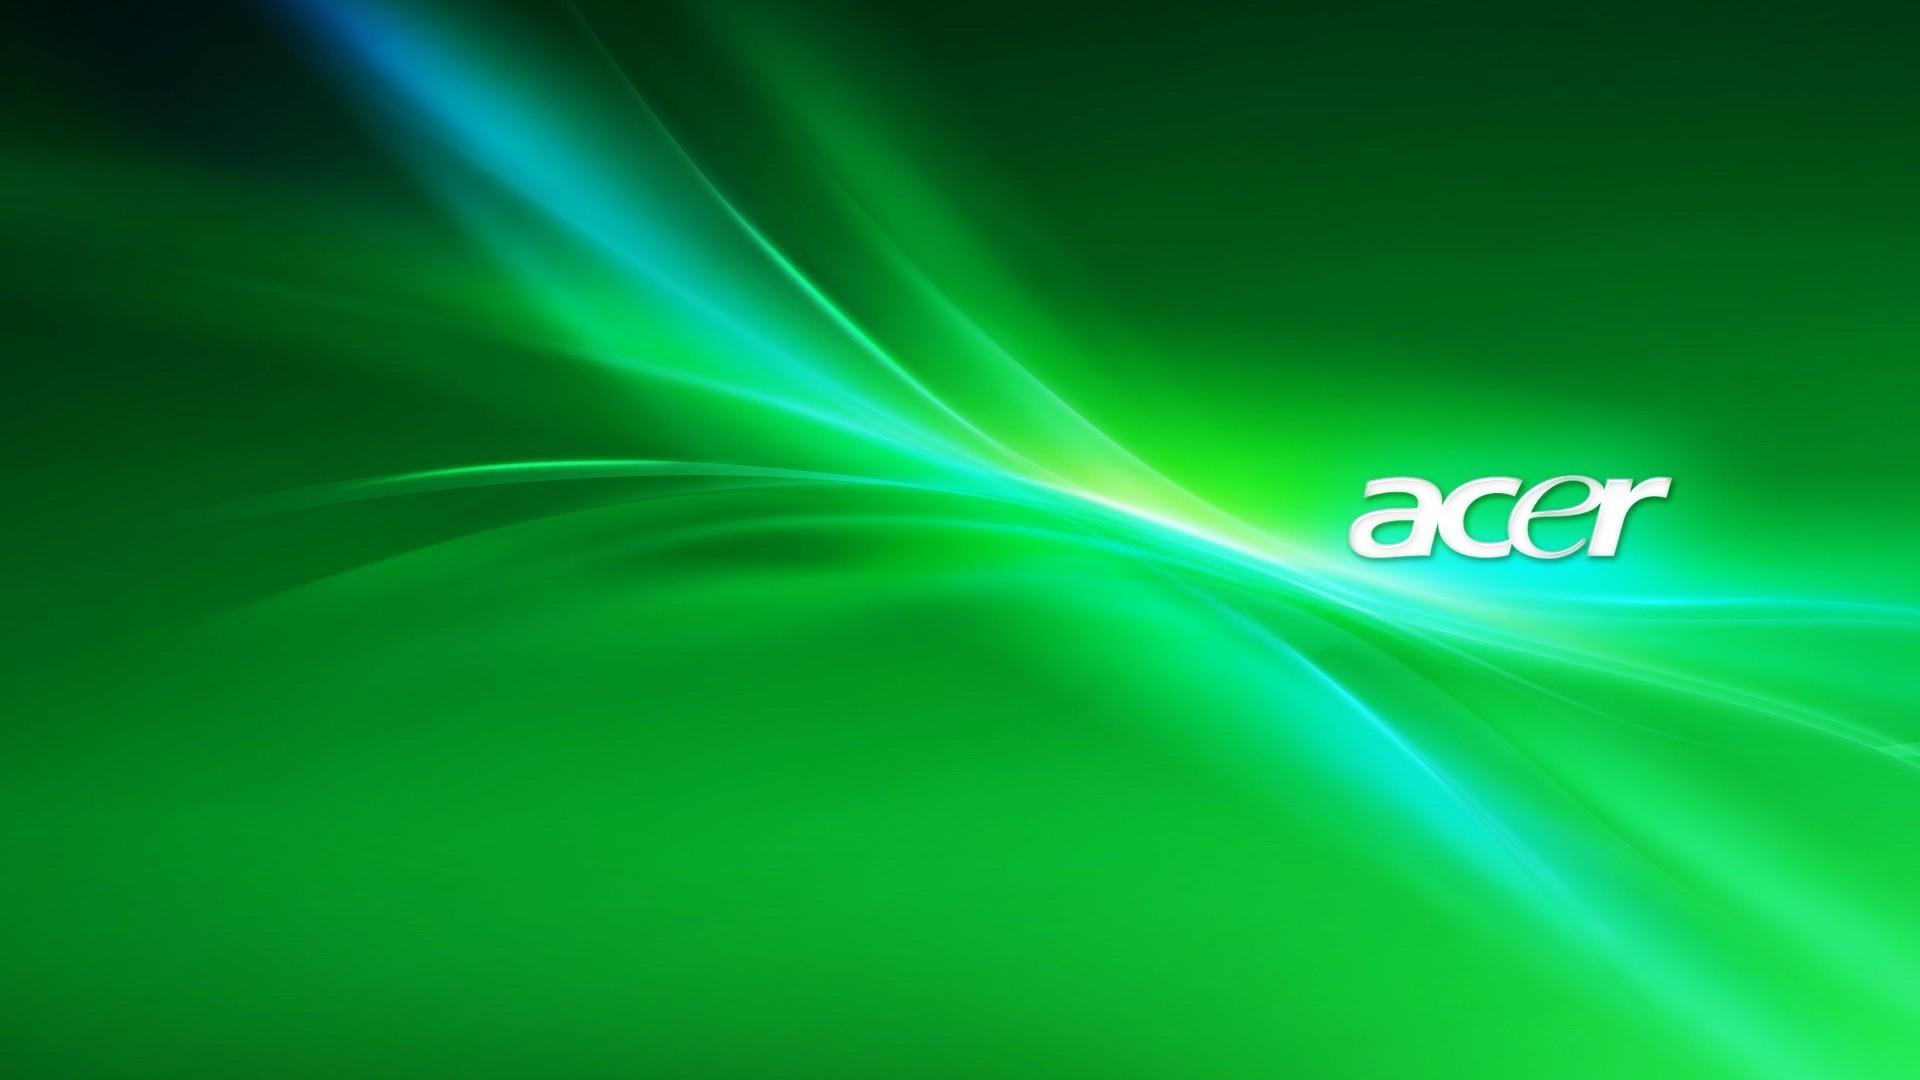 Acer hd green wallpaper – Wallpaper – Wallpaper Style